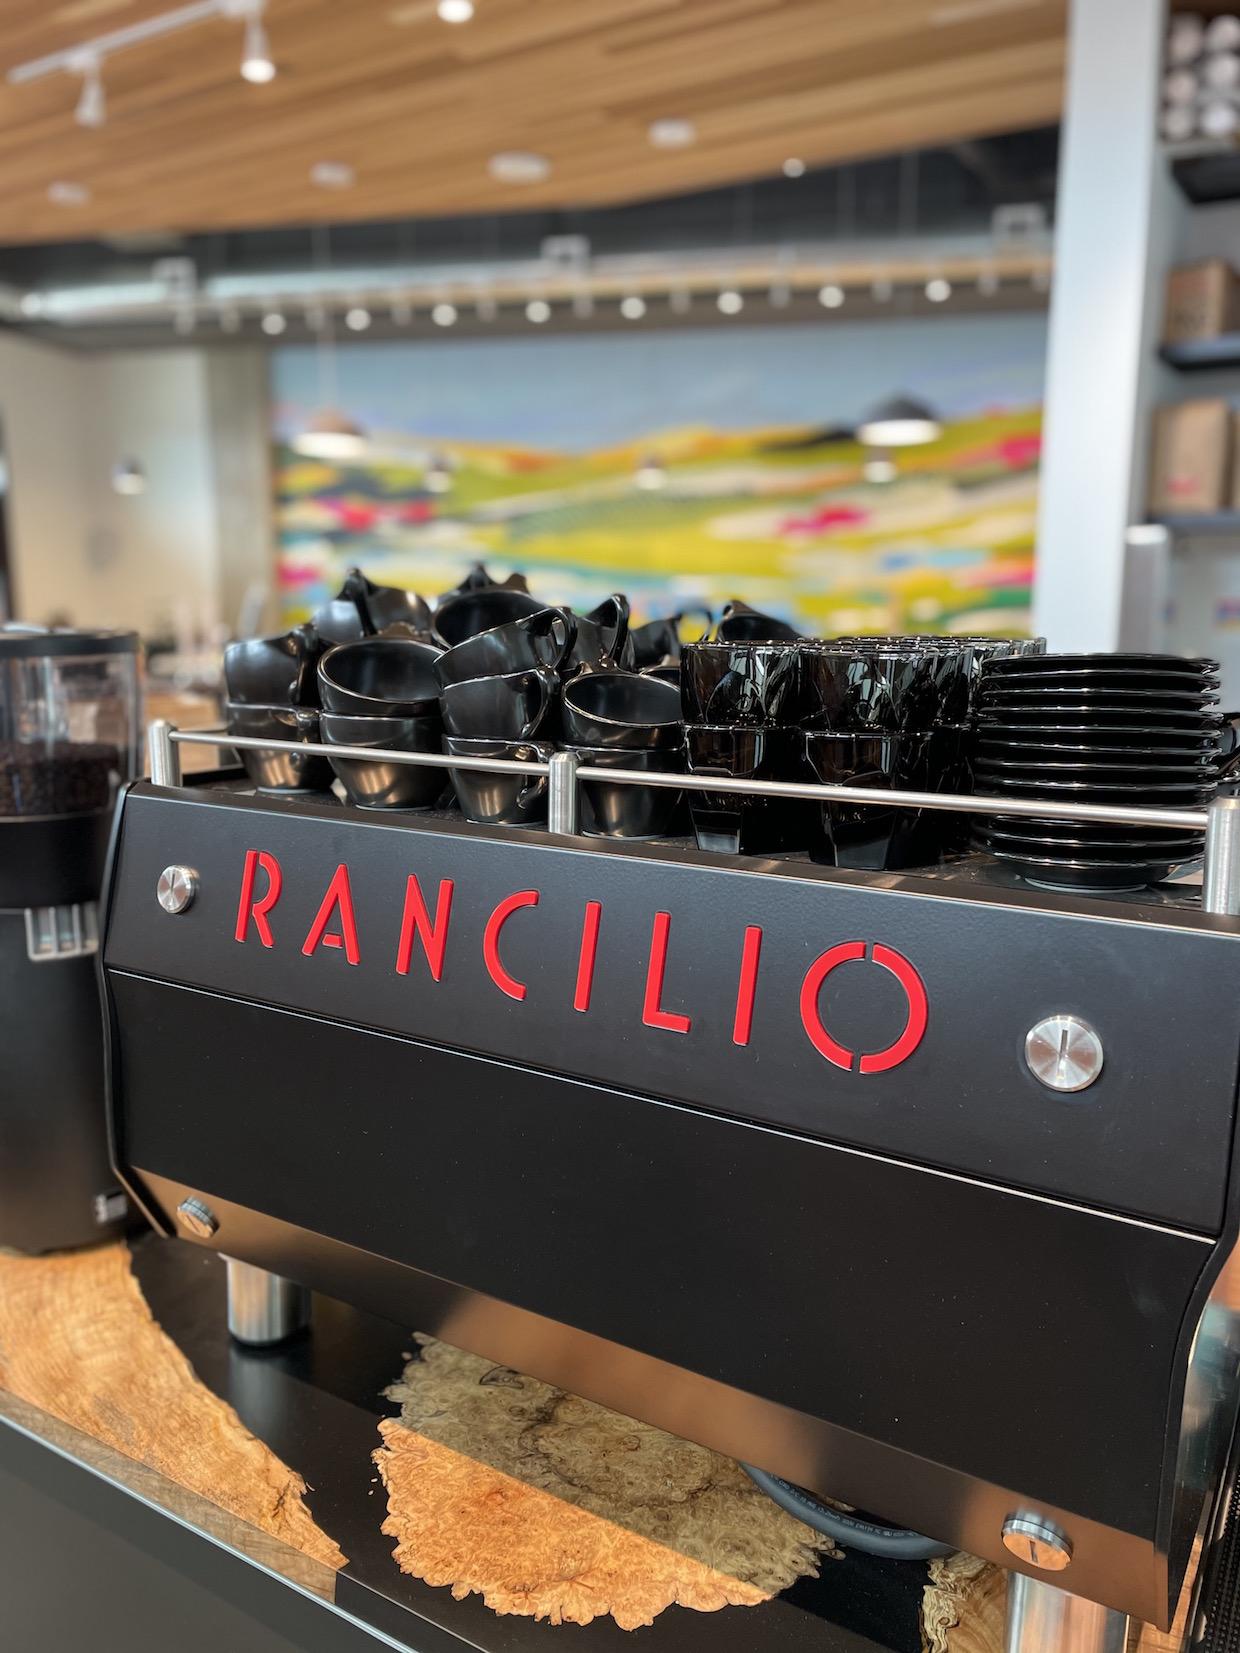 Rancilion espresso